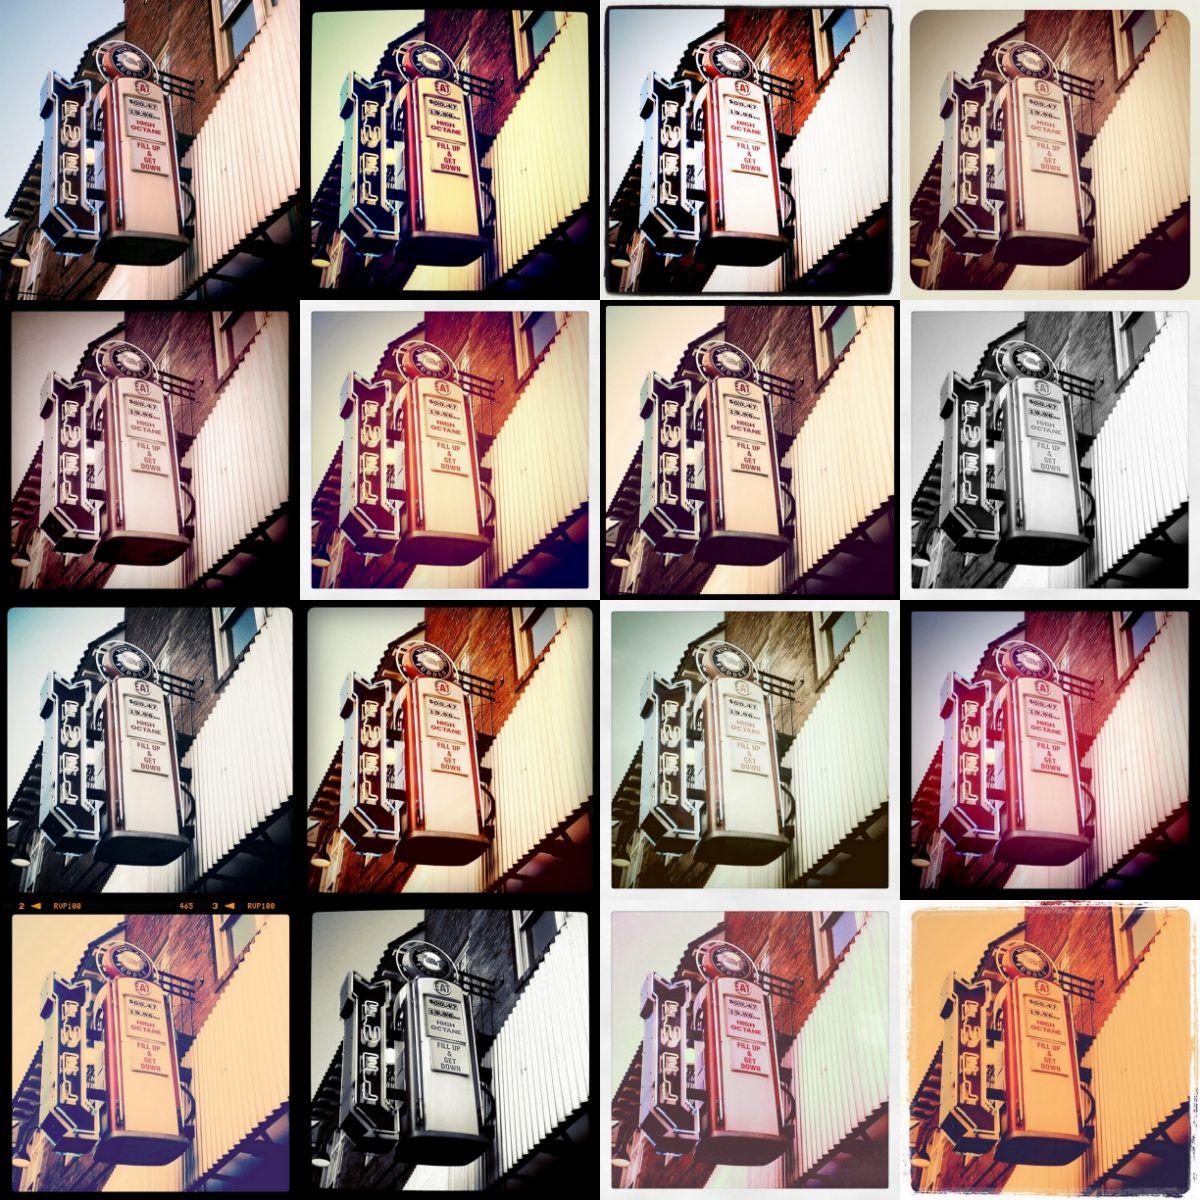 Tipos de filtros de Instagram